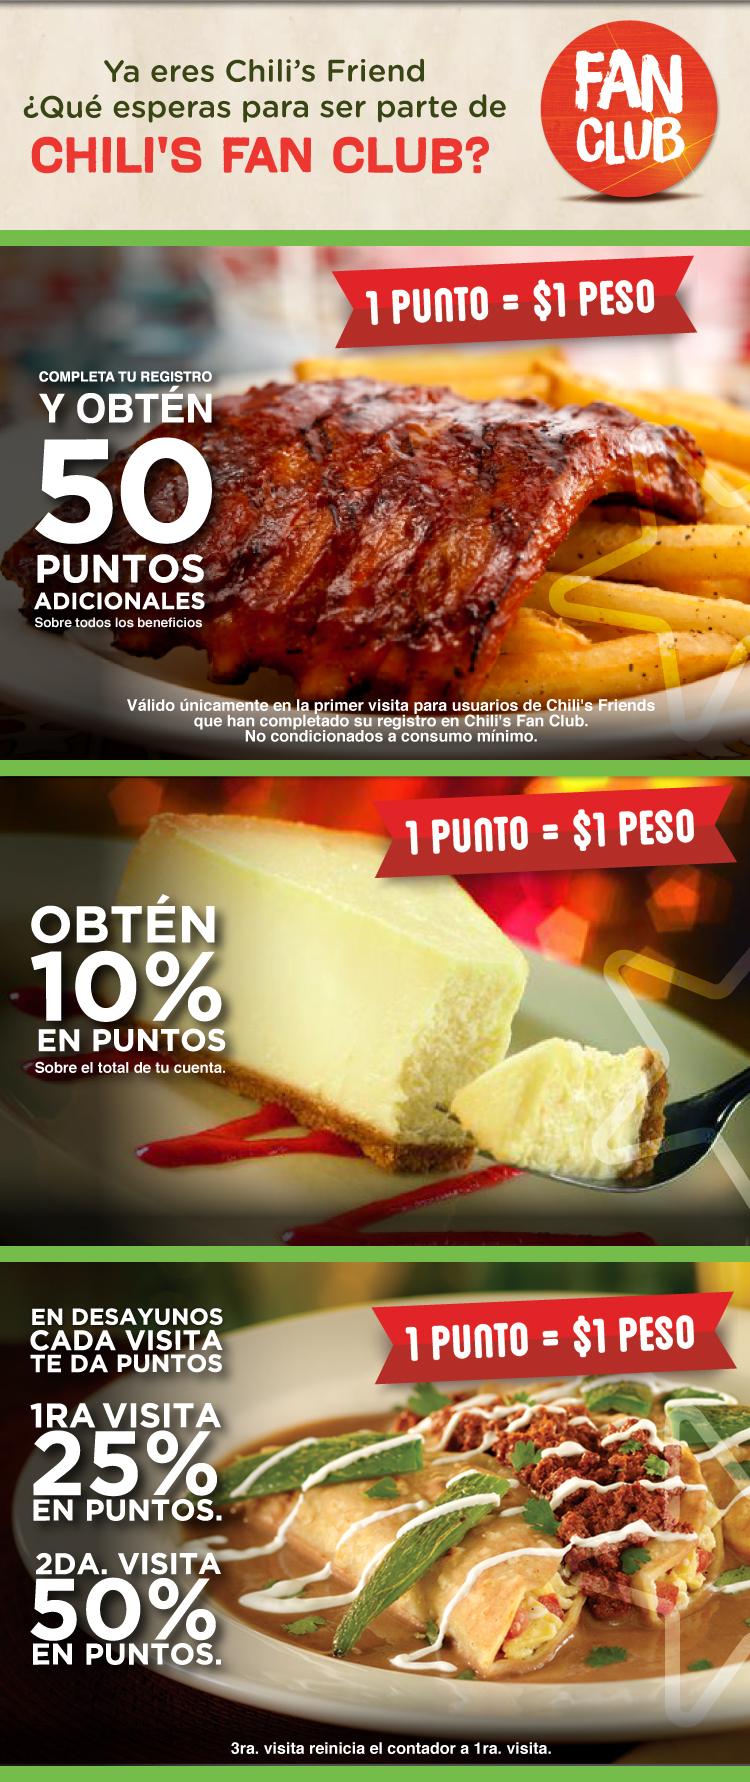 50% de bonificacion al desayunar en chilis